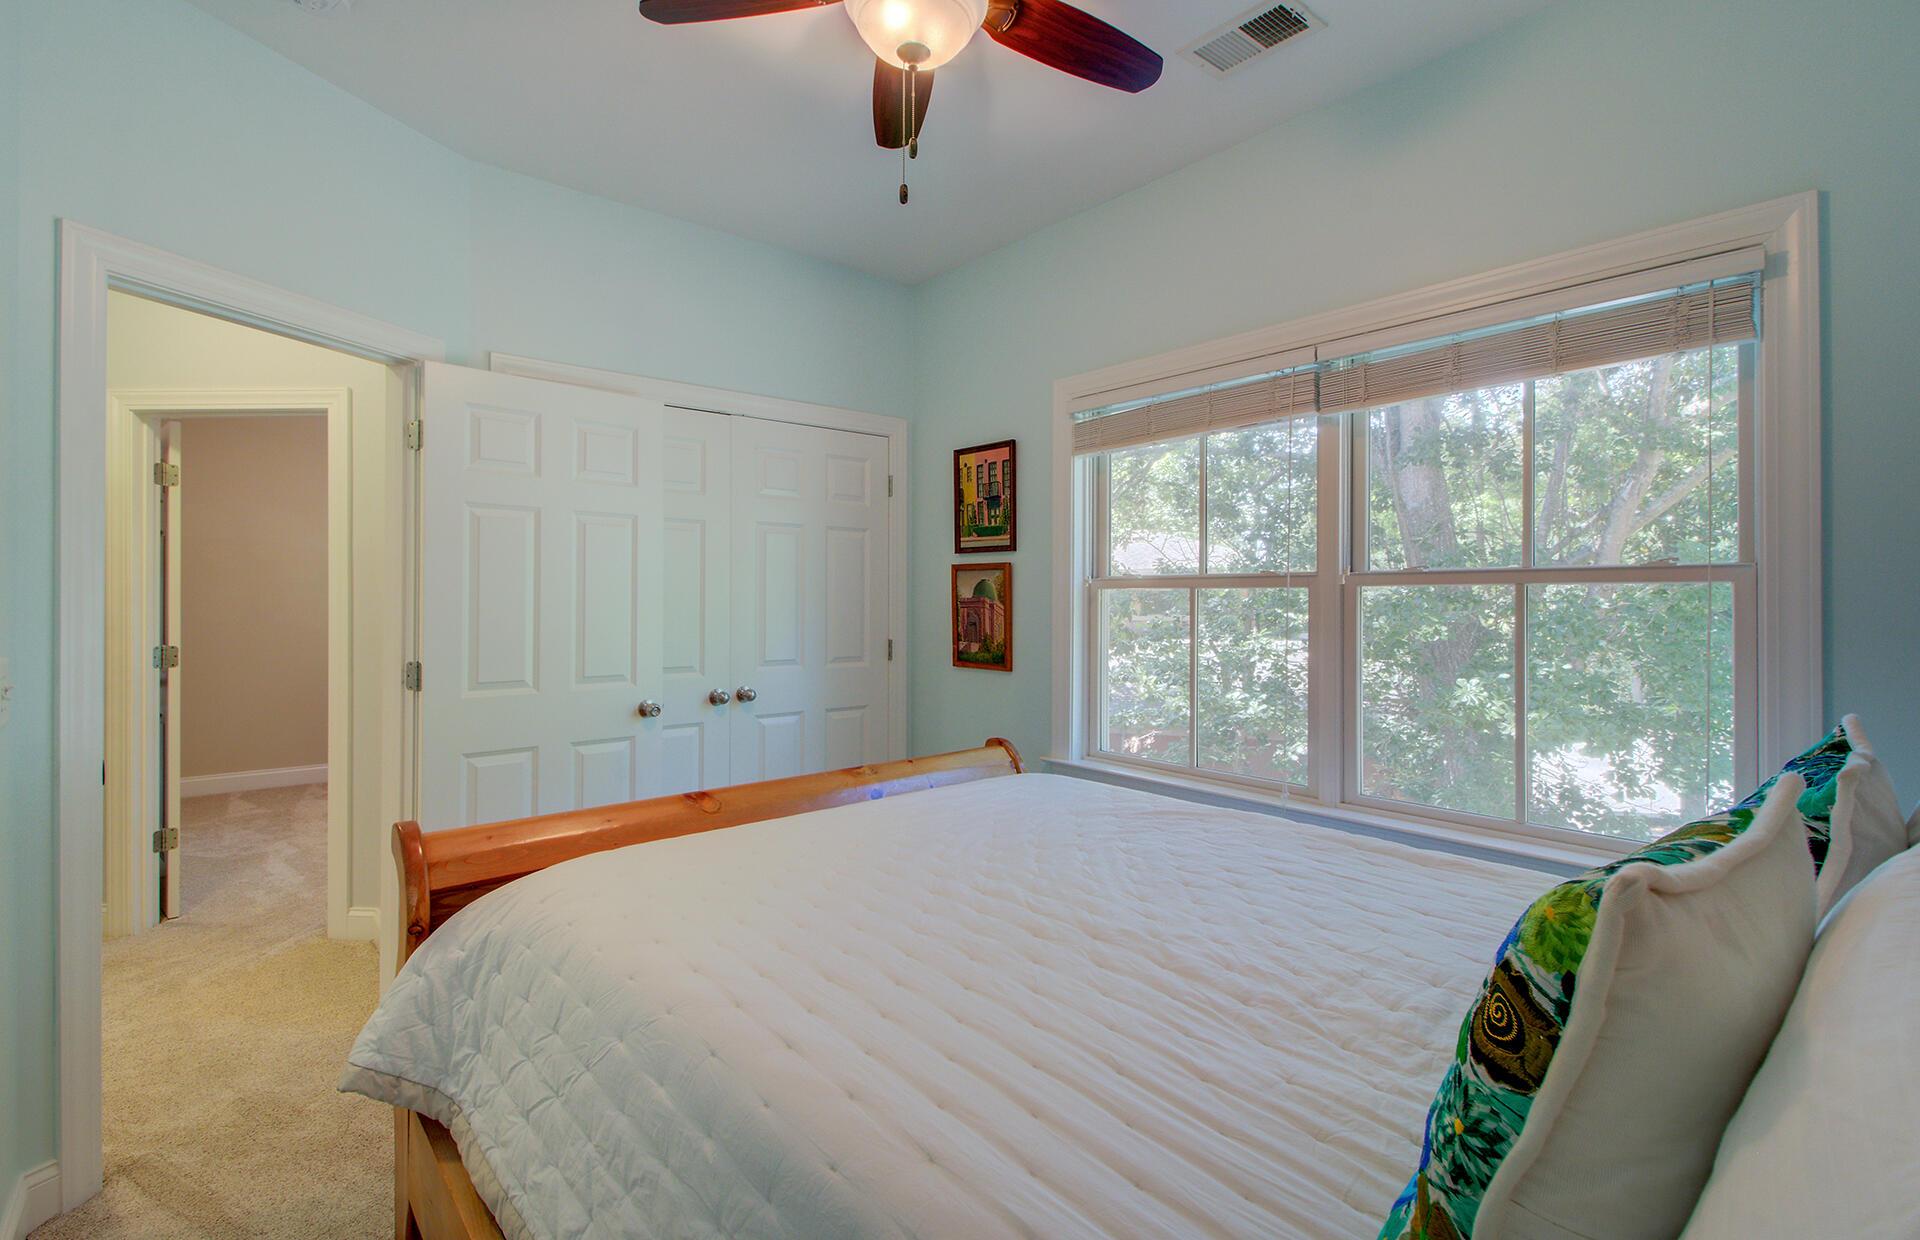 Phillips Park Homes For Sale - 1129 Phillips Park, Mount Pleasant, SC - 38